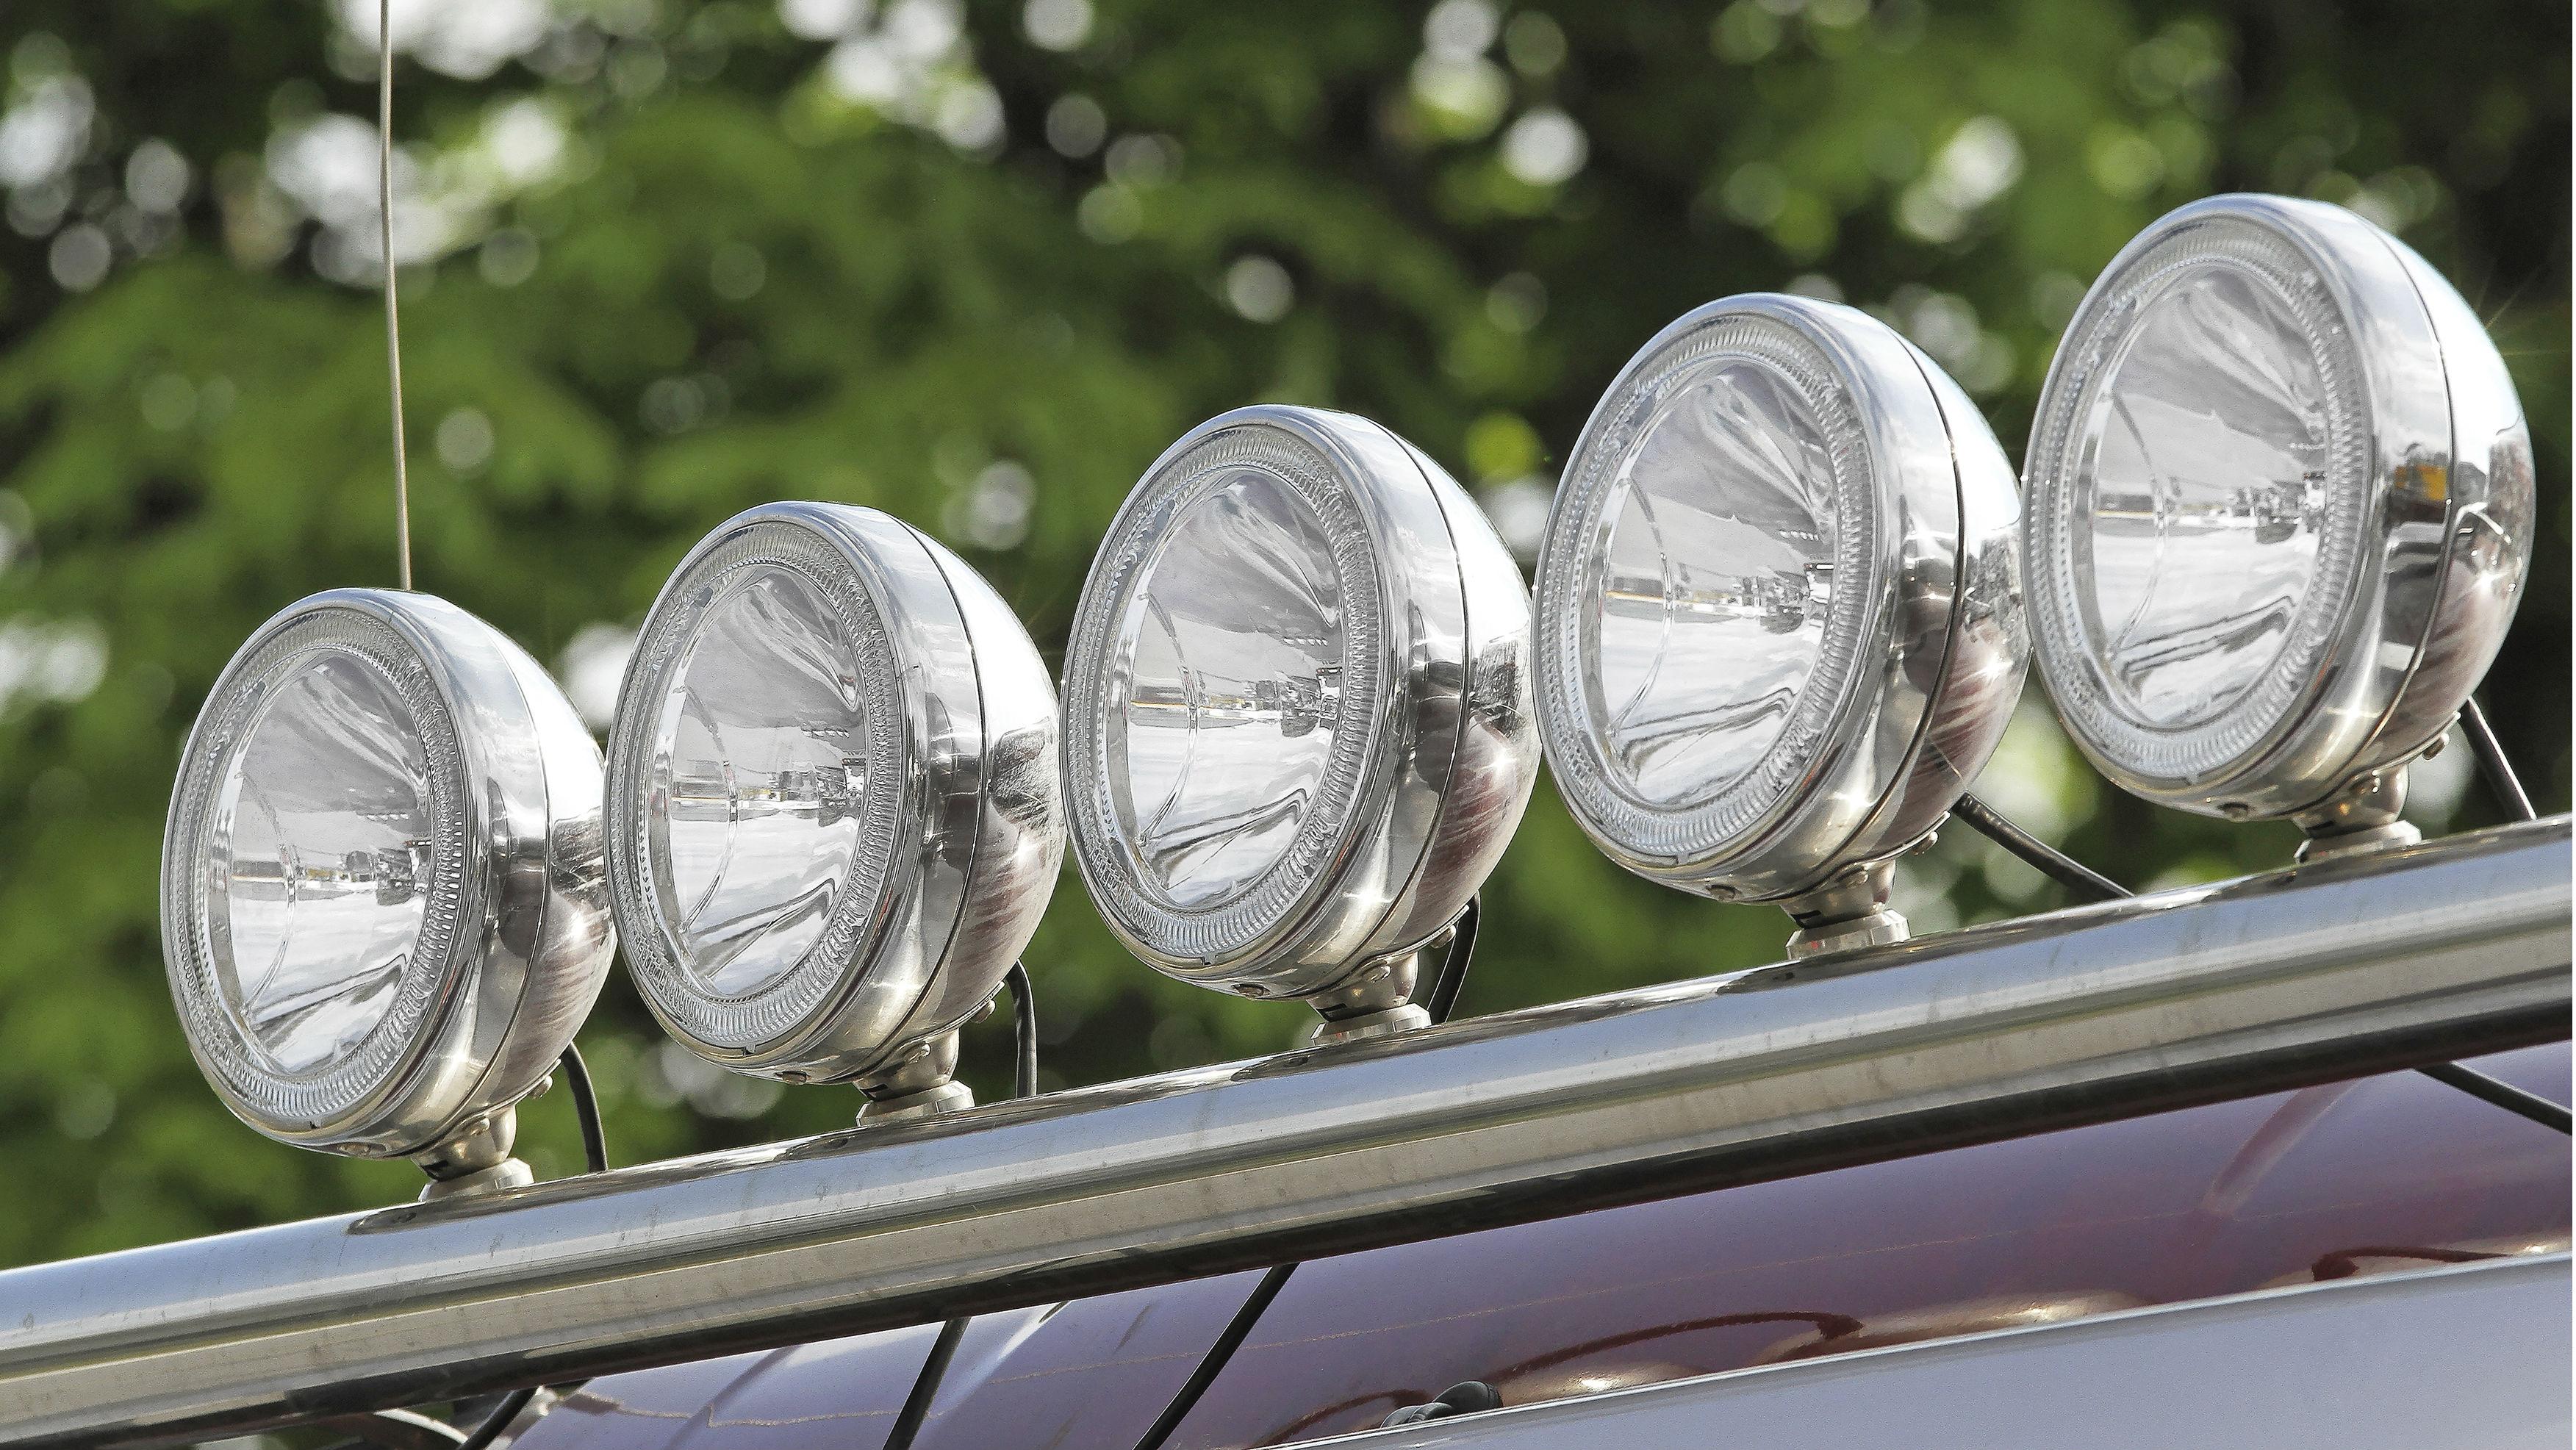 Dodatkowe Oświetlenie Samochodu Off Roadowego Allegropl